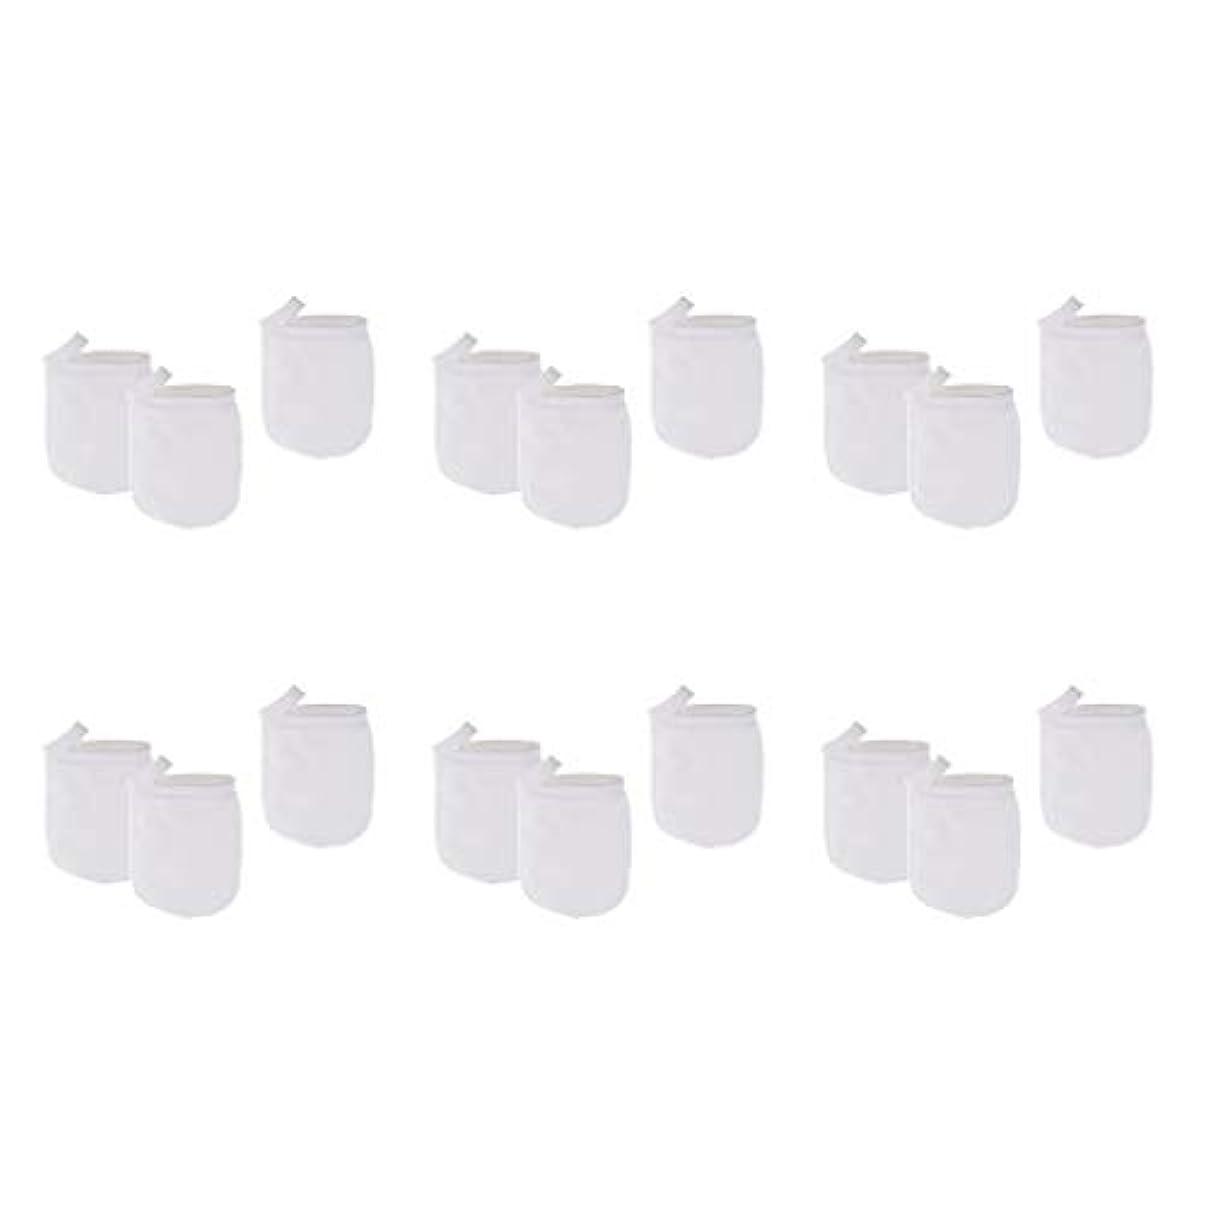 Perfeclan 約18個パックフェイスクレンジング手袋 リムーバー手袋 洗顔グローブ 手袋 グローブ メイク落とし